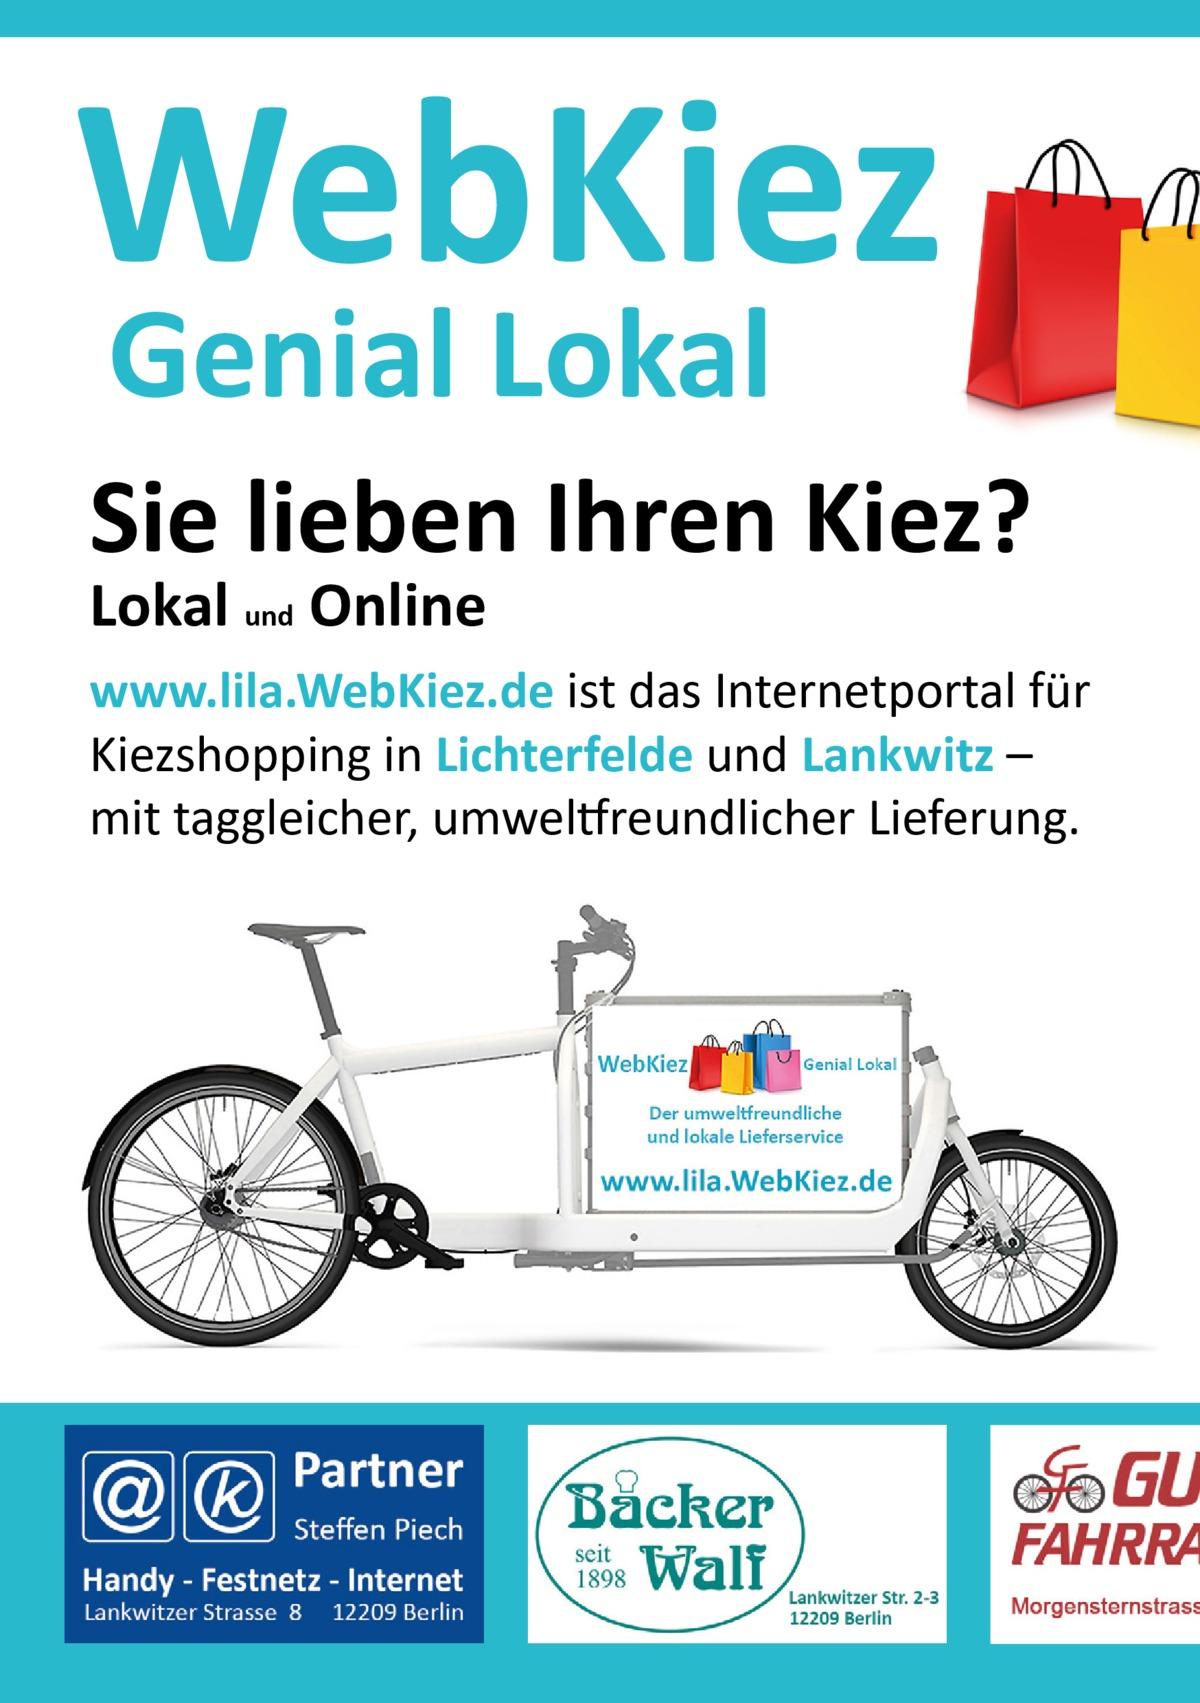 WebKiez Genial Lokal  Sie lieben Ihren Kiez? Lokal und Online  www.lila.WebKiez.de ist das Internetportal für Kiezshopping in Lichterfelde und Lankwitz – mit taggleicher, umweltfreundlicher Lieferung.